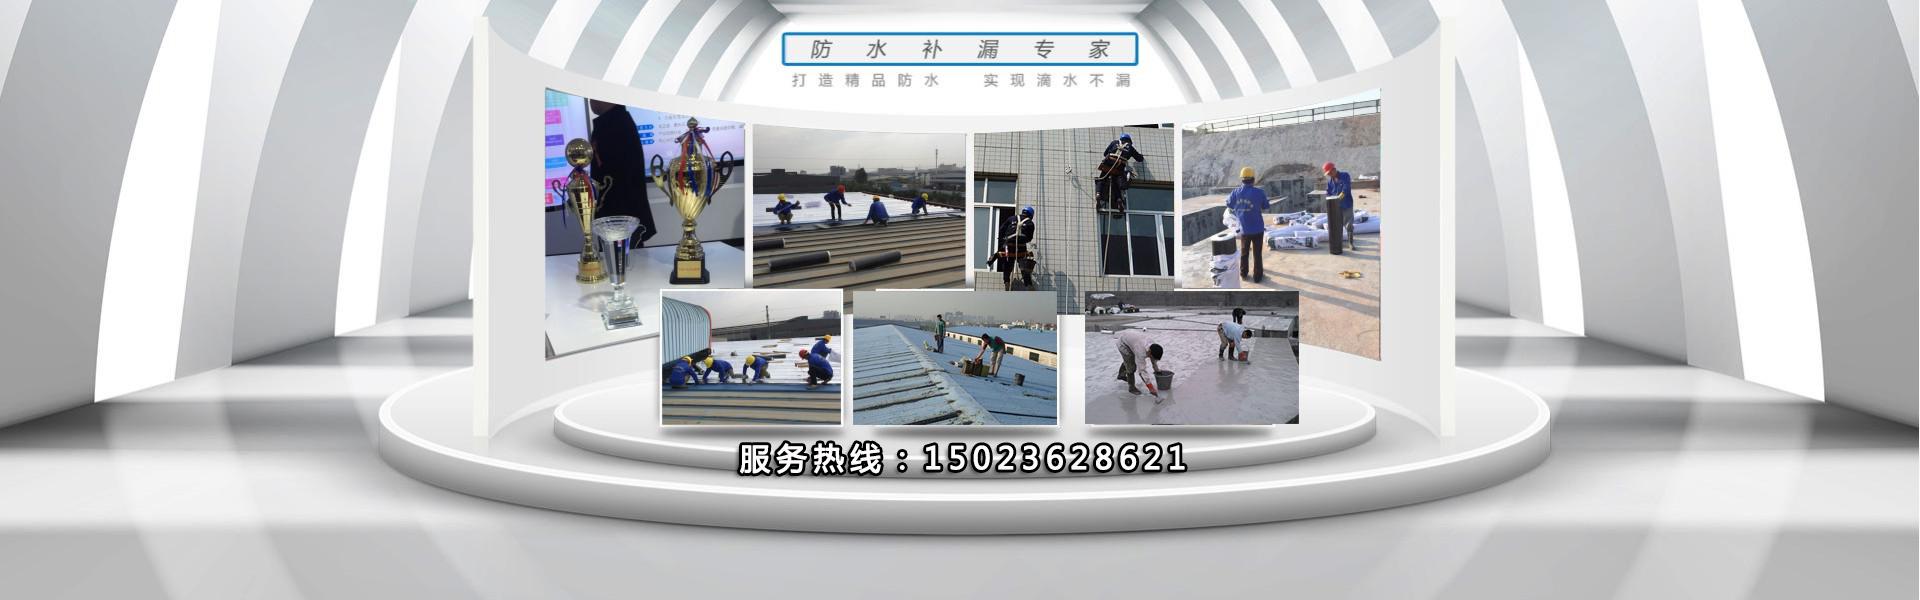 重庆楼顶防水专业从事:防水补漏打造精品防水、实现滴水不漏!服务热线:15023628621